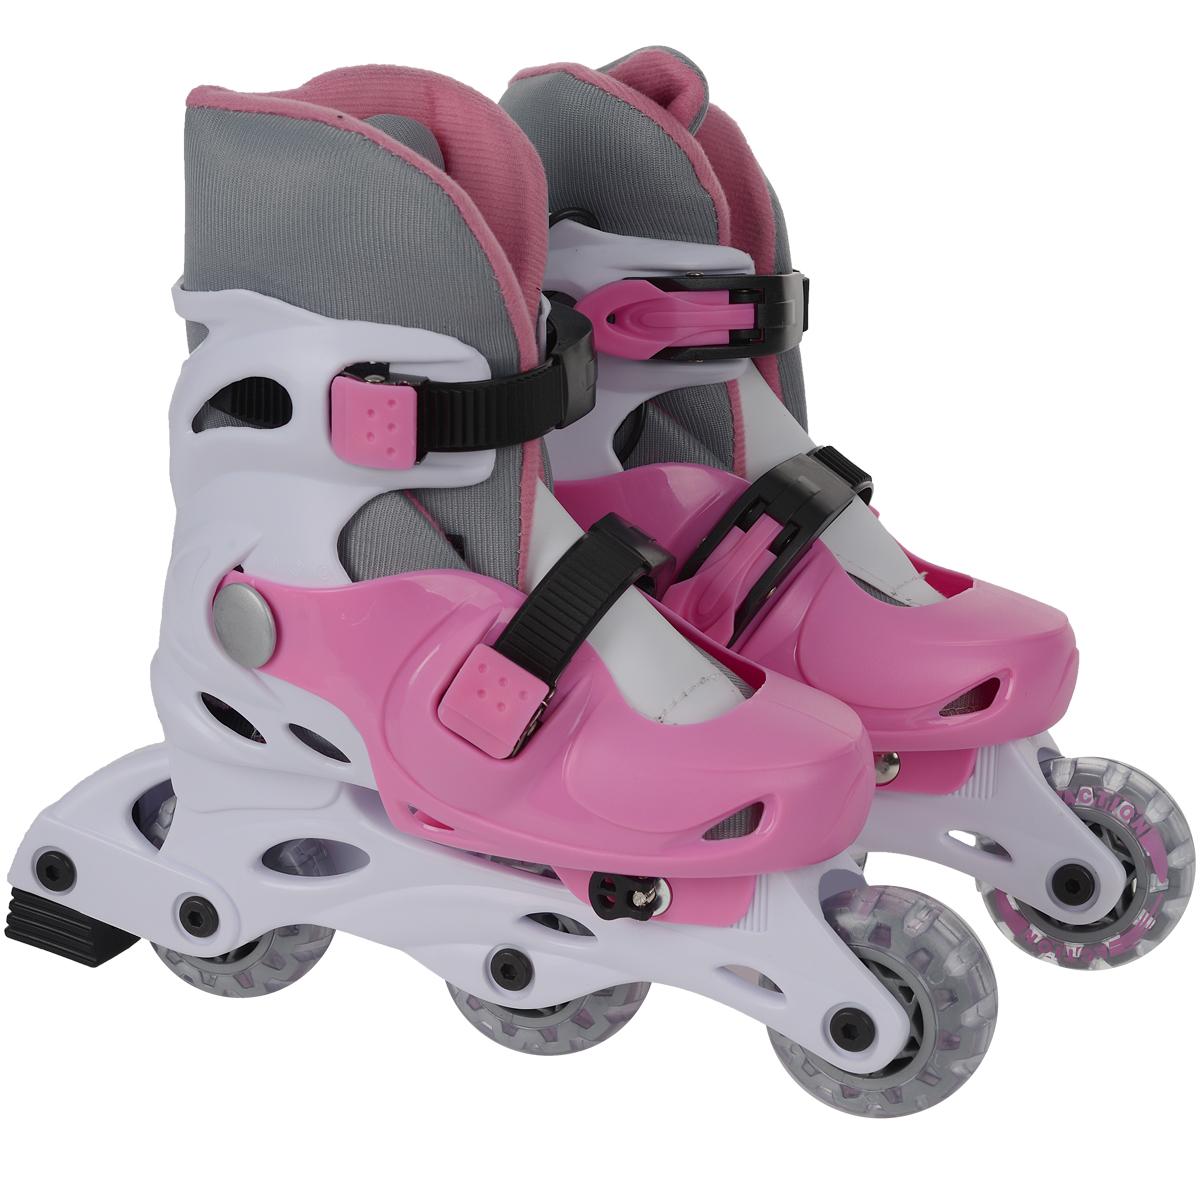 Коньки роликовые, раздвижные. PW-120PW-120_1Раздвижные коньки Action - это роликовые коньки любительского класса для детей и постоянно растущих подростков, предназначены для занятий спортом и активного отдыха. Коньки имеют пластиковый ботинок с раздвижным механизмом, что обеспечивает хорошую посадку и пластичность, а для еще более комфортного катания ботинки коньков оснащены двумя клипсами с фиксаторами. Облегченная, анатомически облегающая конструкция обеспечивает улучшенную боковую поддержку и полный контроль над движением. Модель снабжена системой Parallel Wheels: возможность переставлять задние колеса в два ряда для большей устойчивости. Второе колесо с конца можно снять и разместить на оси параллельно с последним колесом. Для перестановки колес в комплект входит необходимый набор осей и ключ-шестигранник. Рама изготовлена из пластика, а колеса из полиуретана с 608Z. Диаметр колес 64 мм. Жесткость колеса: 82А. Тип фиксации: две клипсы с фиксаторами. Максимальный вес пользователя: 40 кг. В...